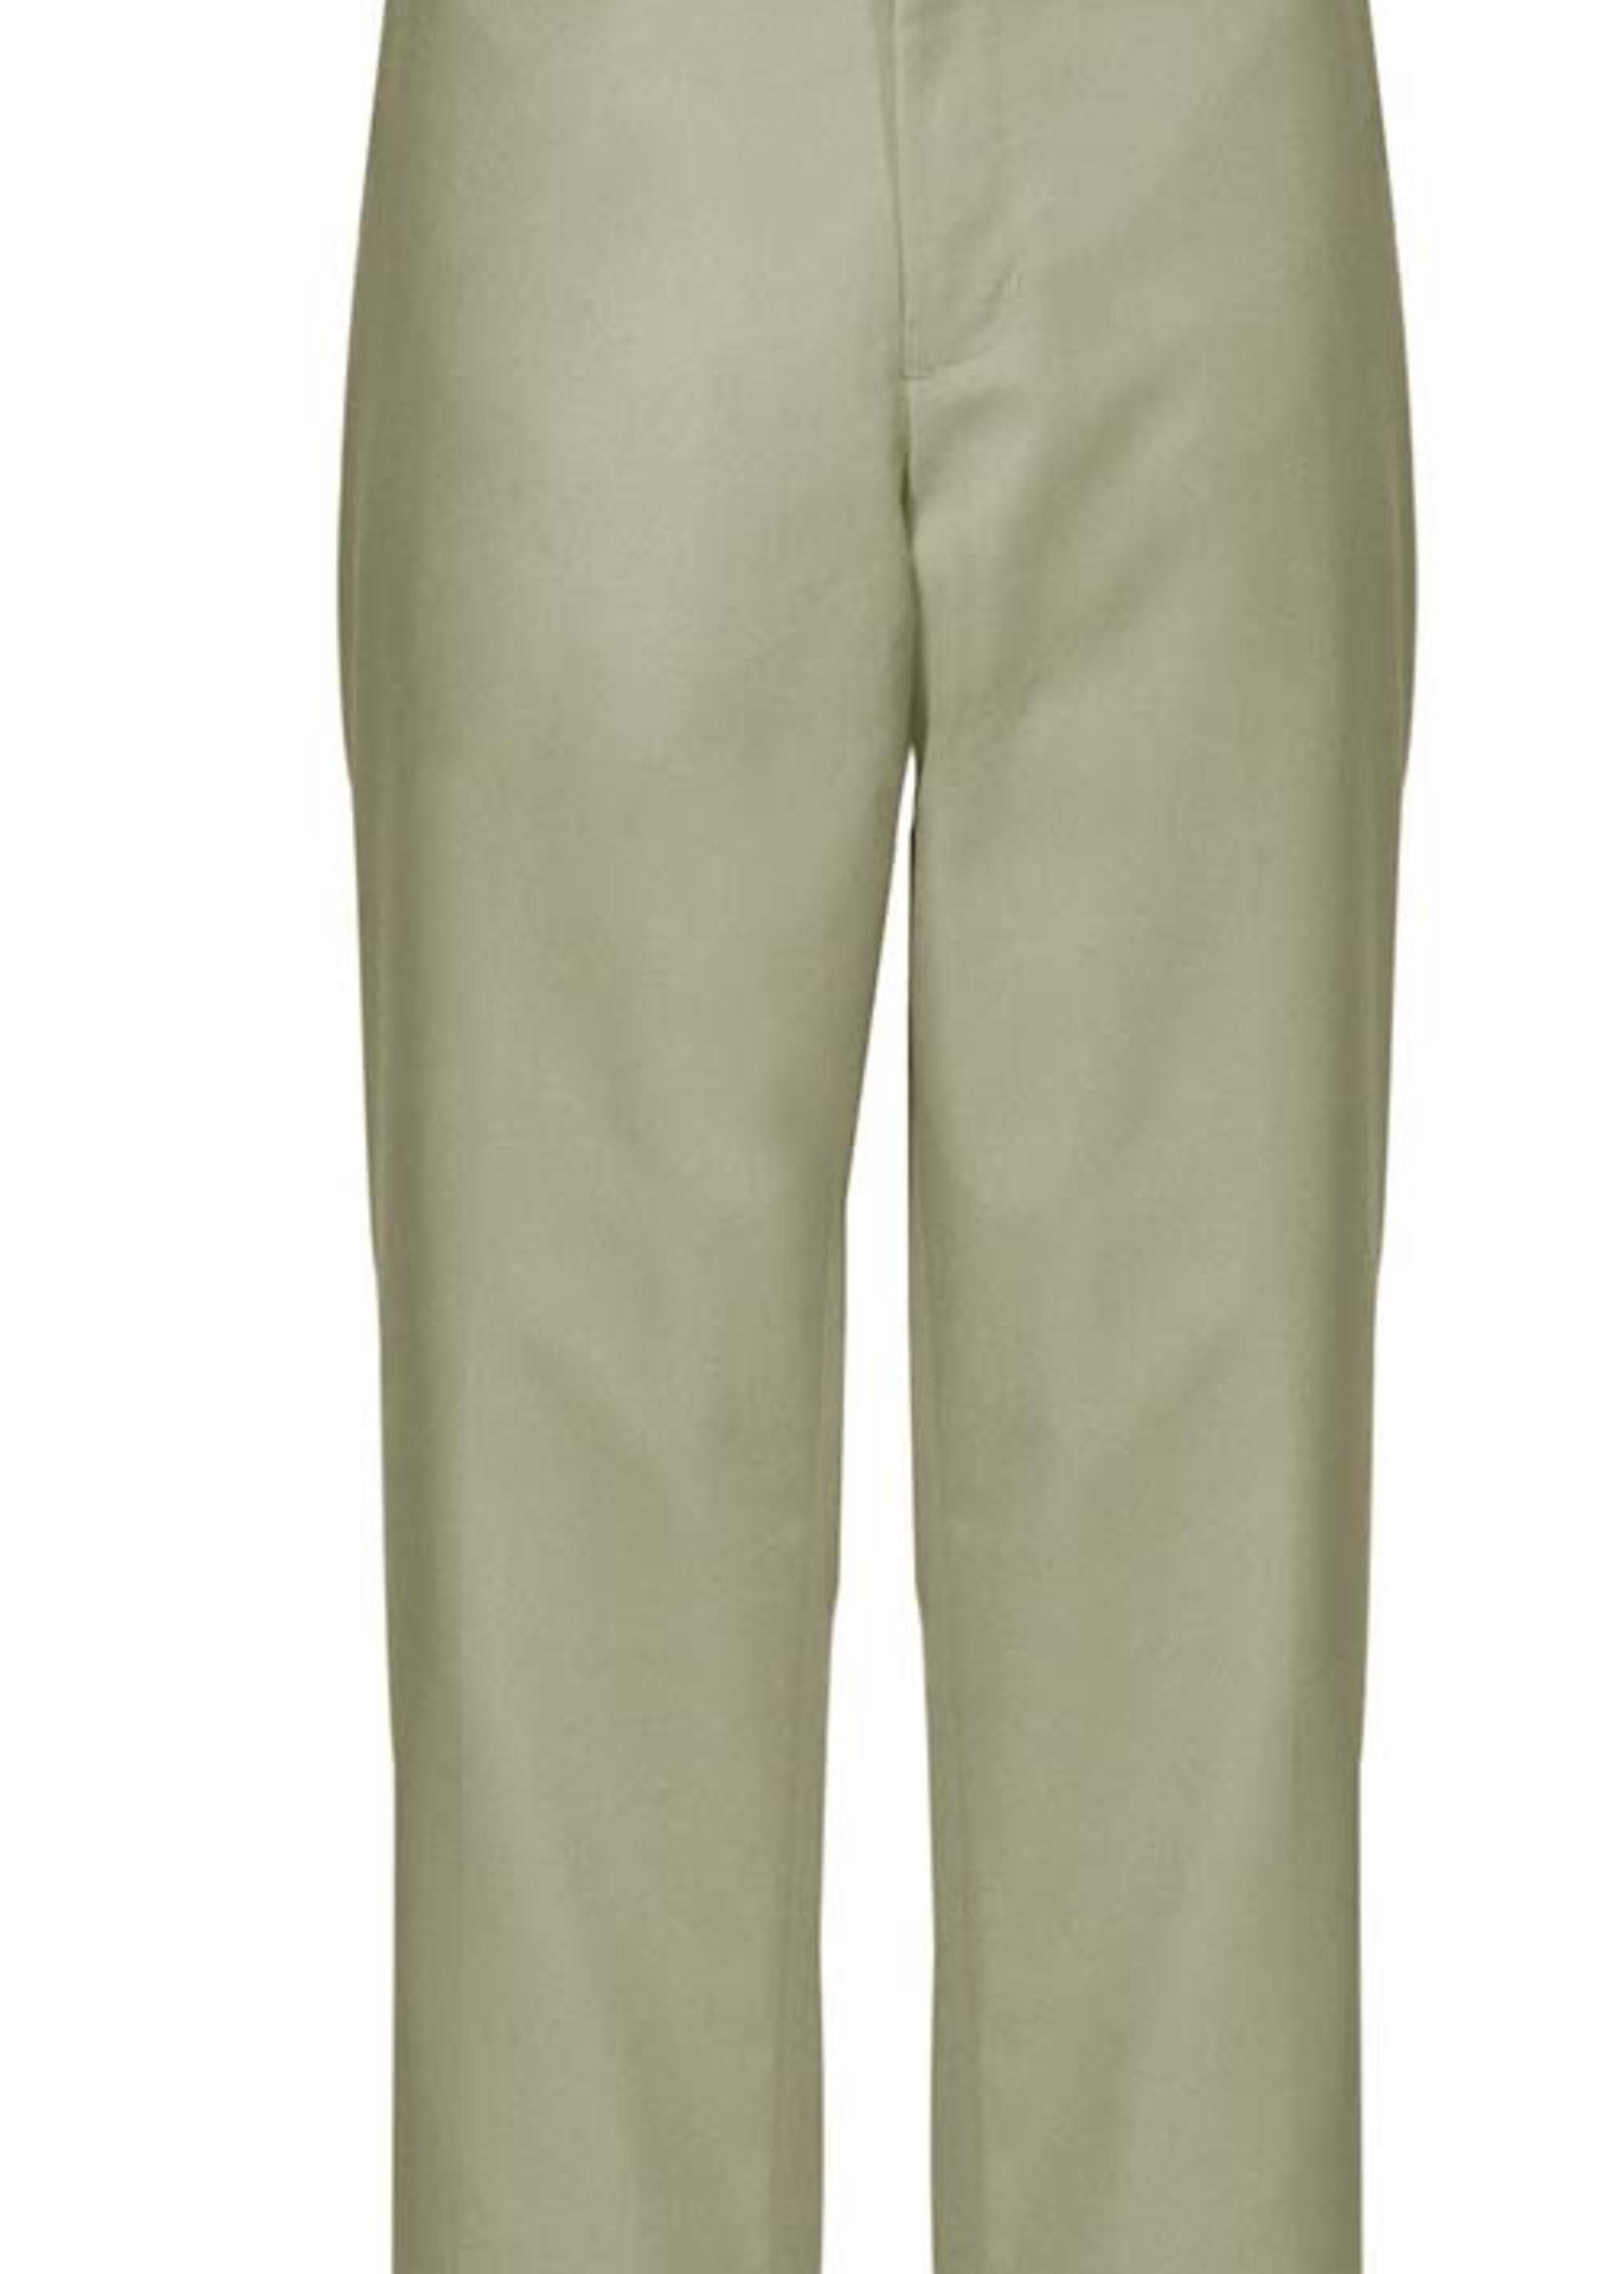 A+ ROCK Mens Flat Front Pants